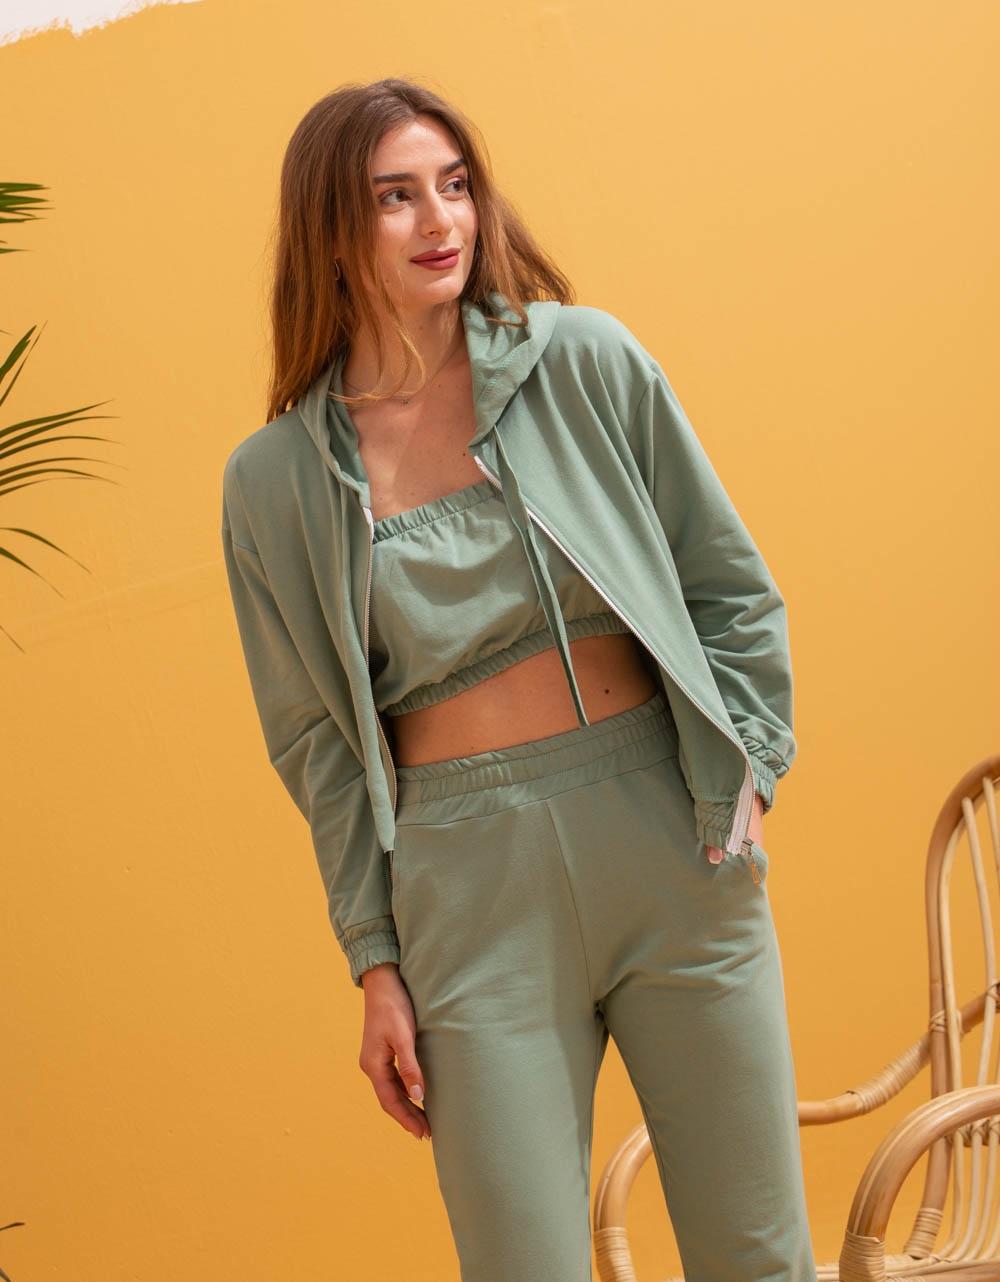 Εικόνα από Γυναικεία σετ ρούχων παντελόνι & μπλουζάκι Πράσινο